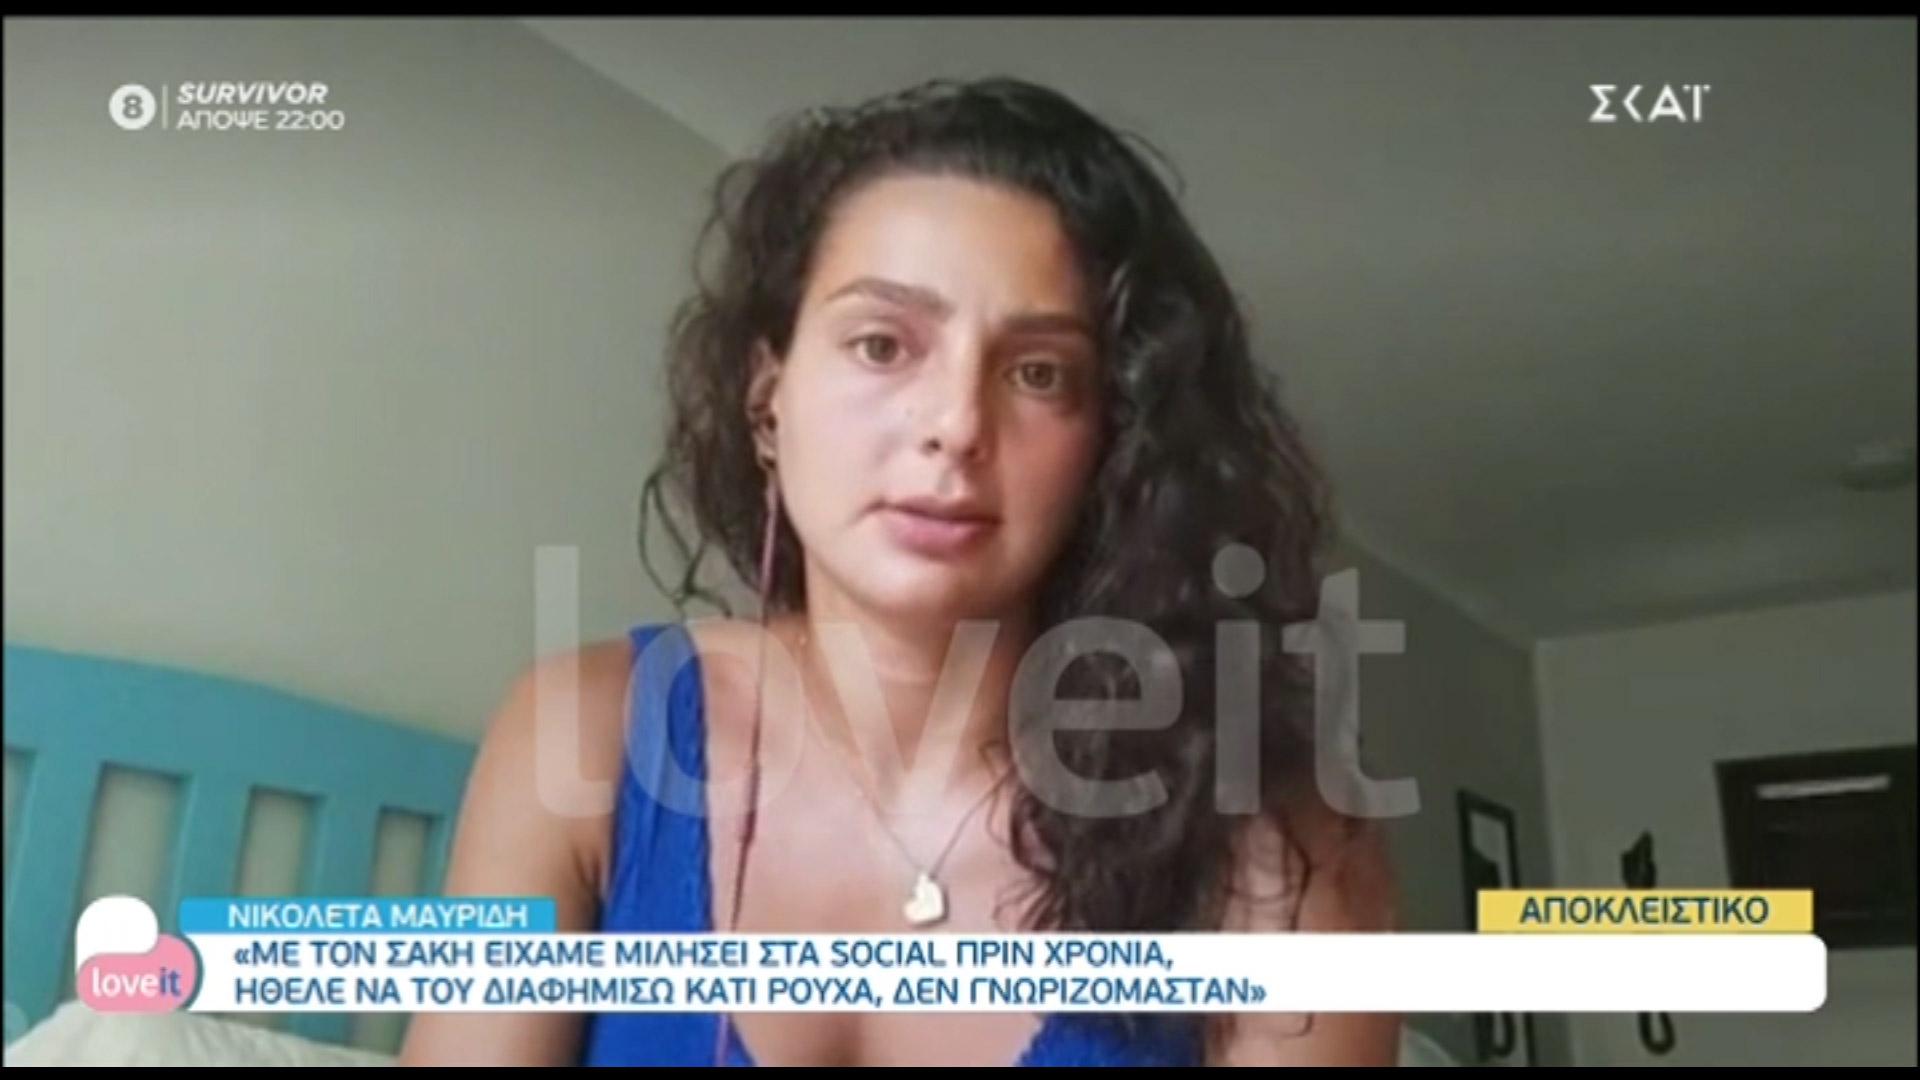 Η Νικολέτα Μαυρίδη του Survivor απαντά για τη Μαριαλένα: «Είναι καψούρα με τον Σάκη»